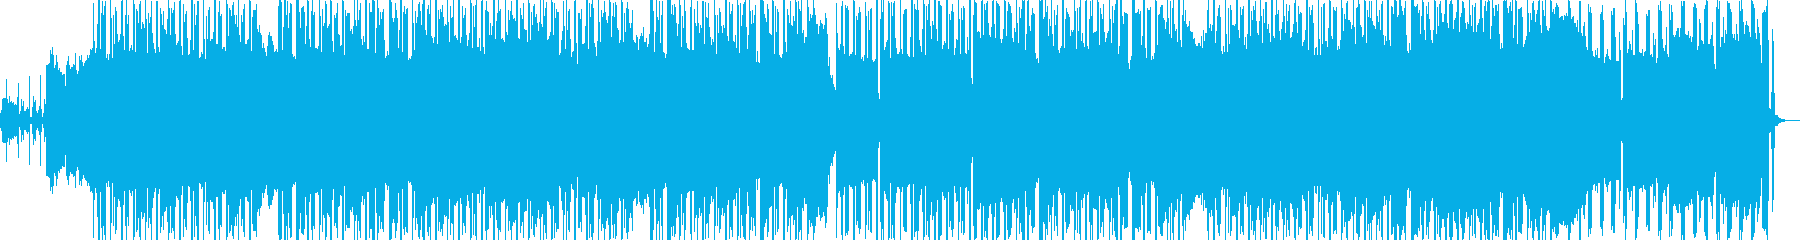 落ち着いたスローなチル・ヒップホップの再生済みの波形